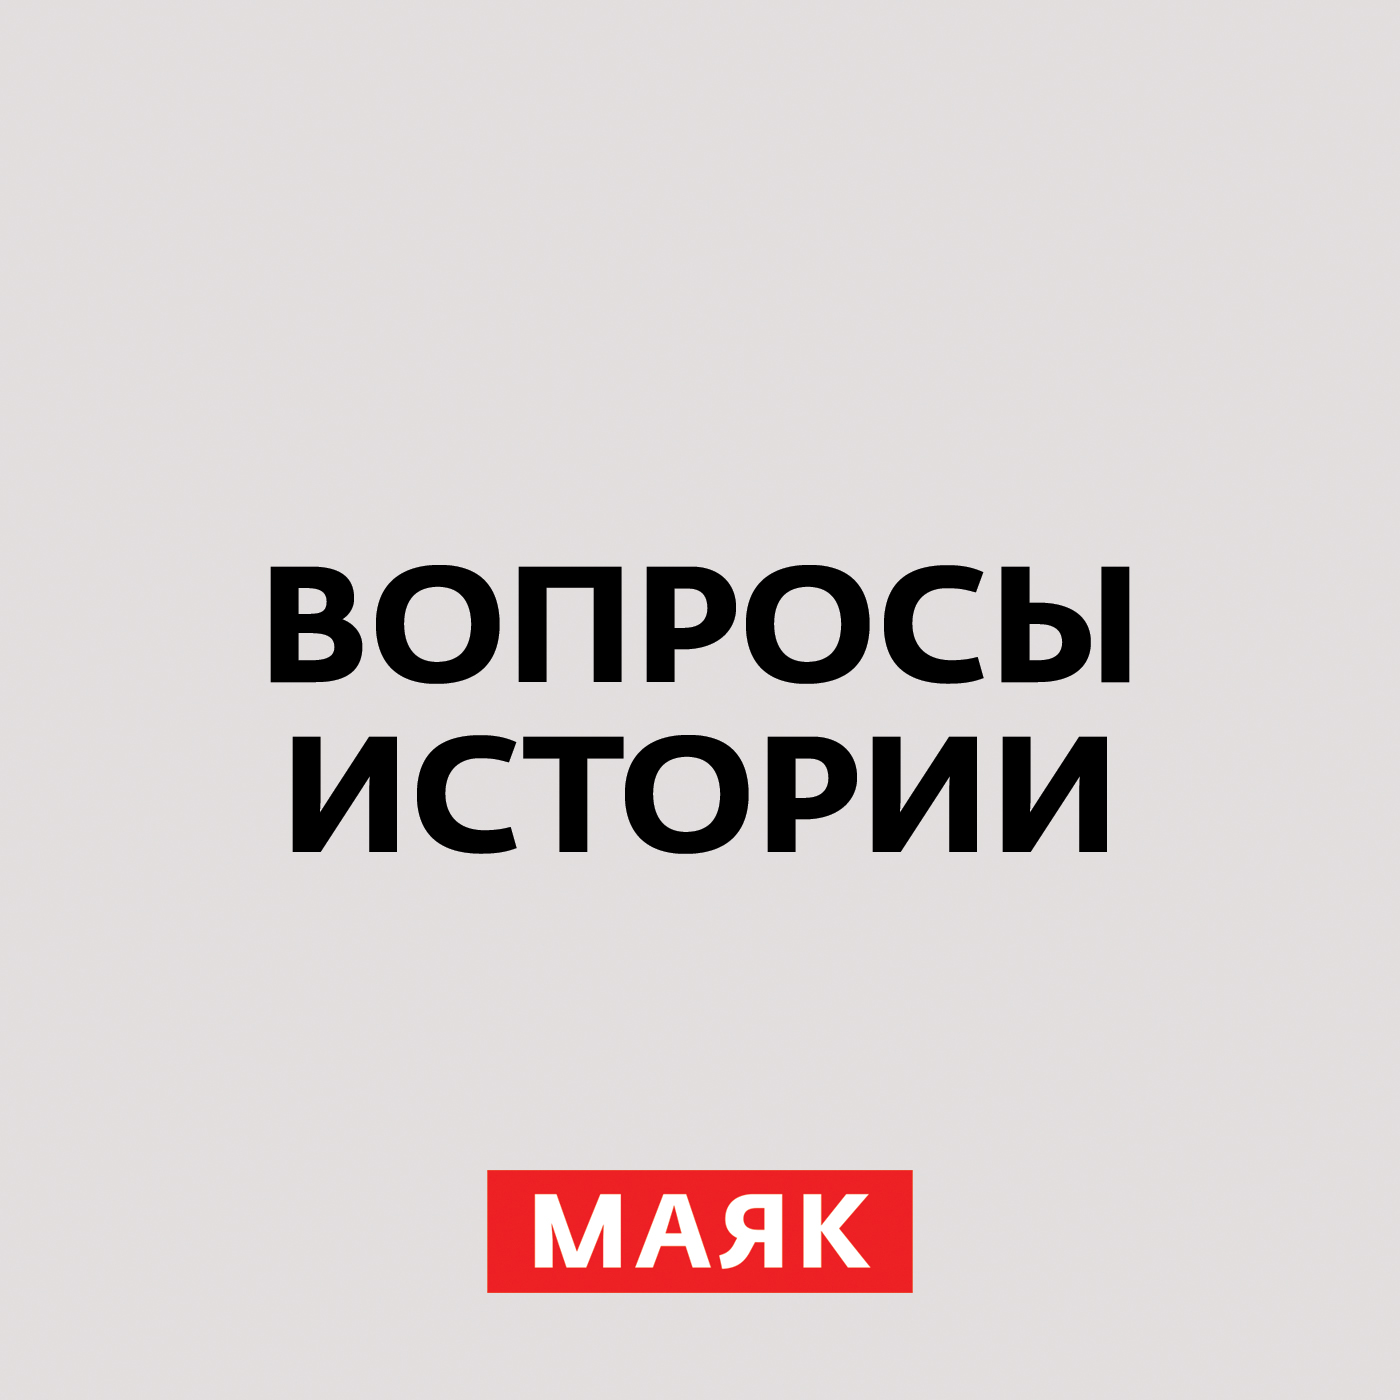 Андрей Светенко Отмена крепостного права. Часть 1 андрей светенко история политических убийств в россии часть 1